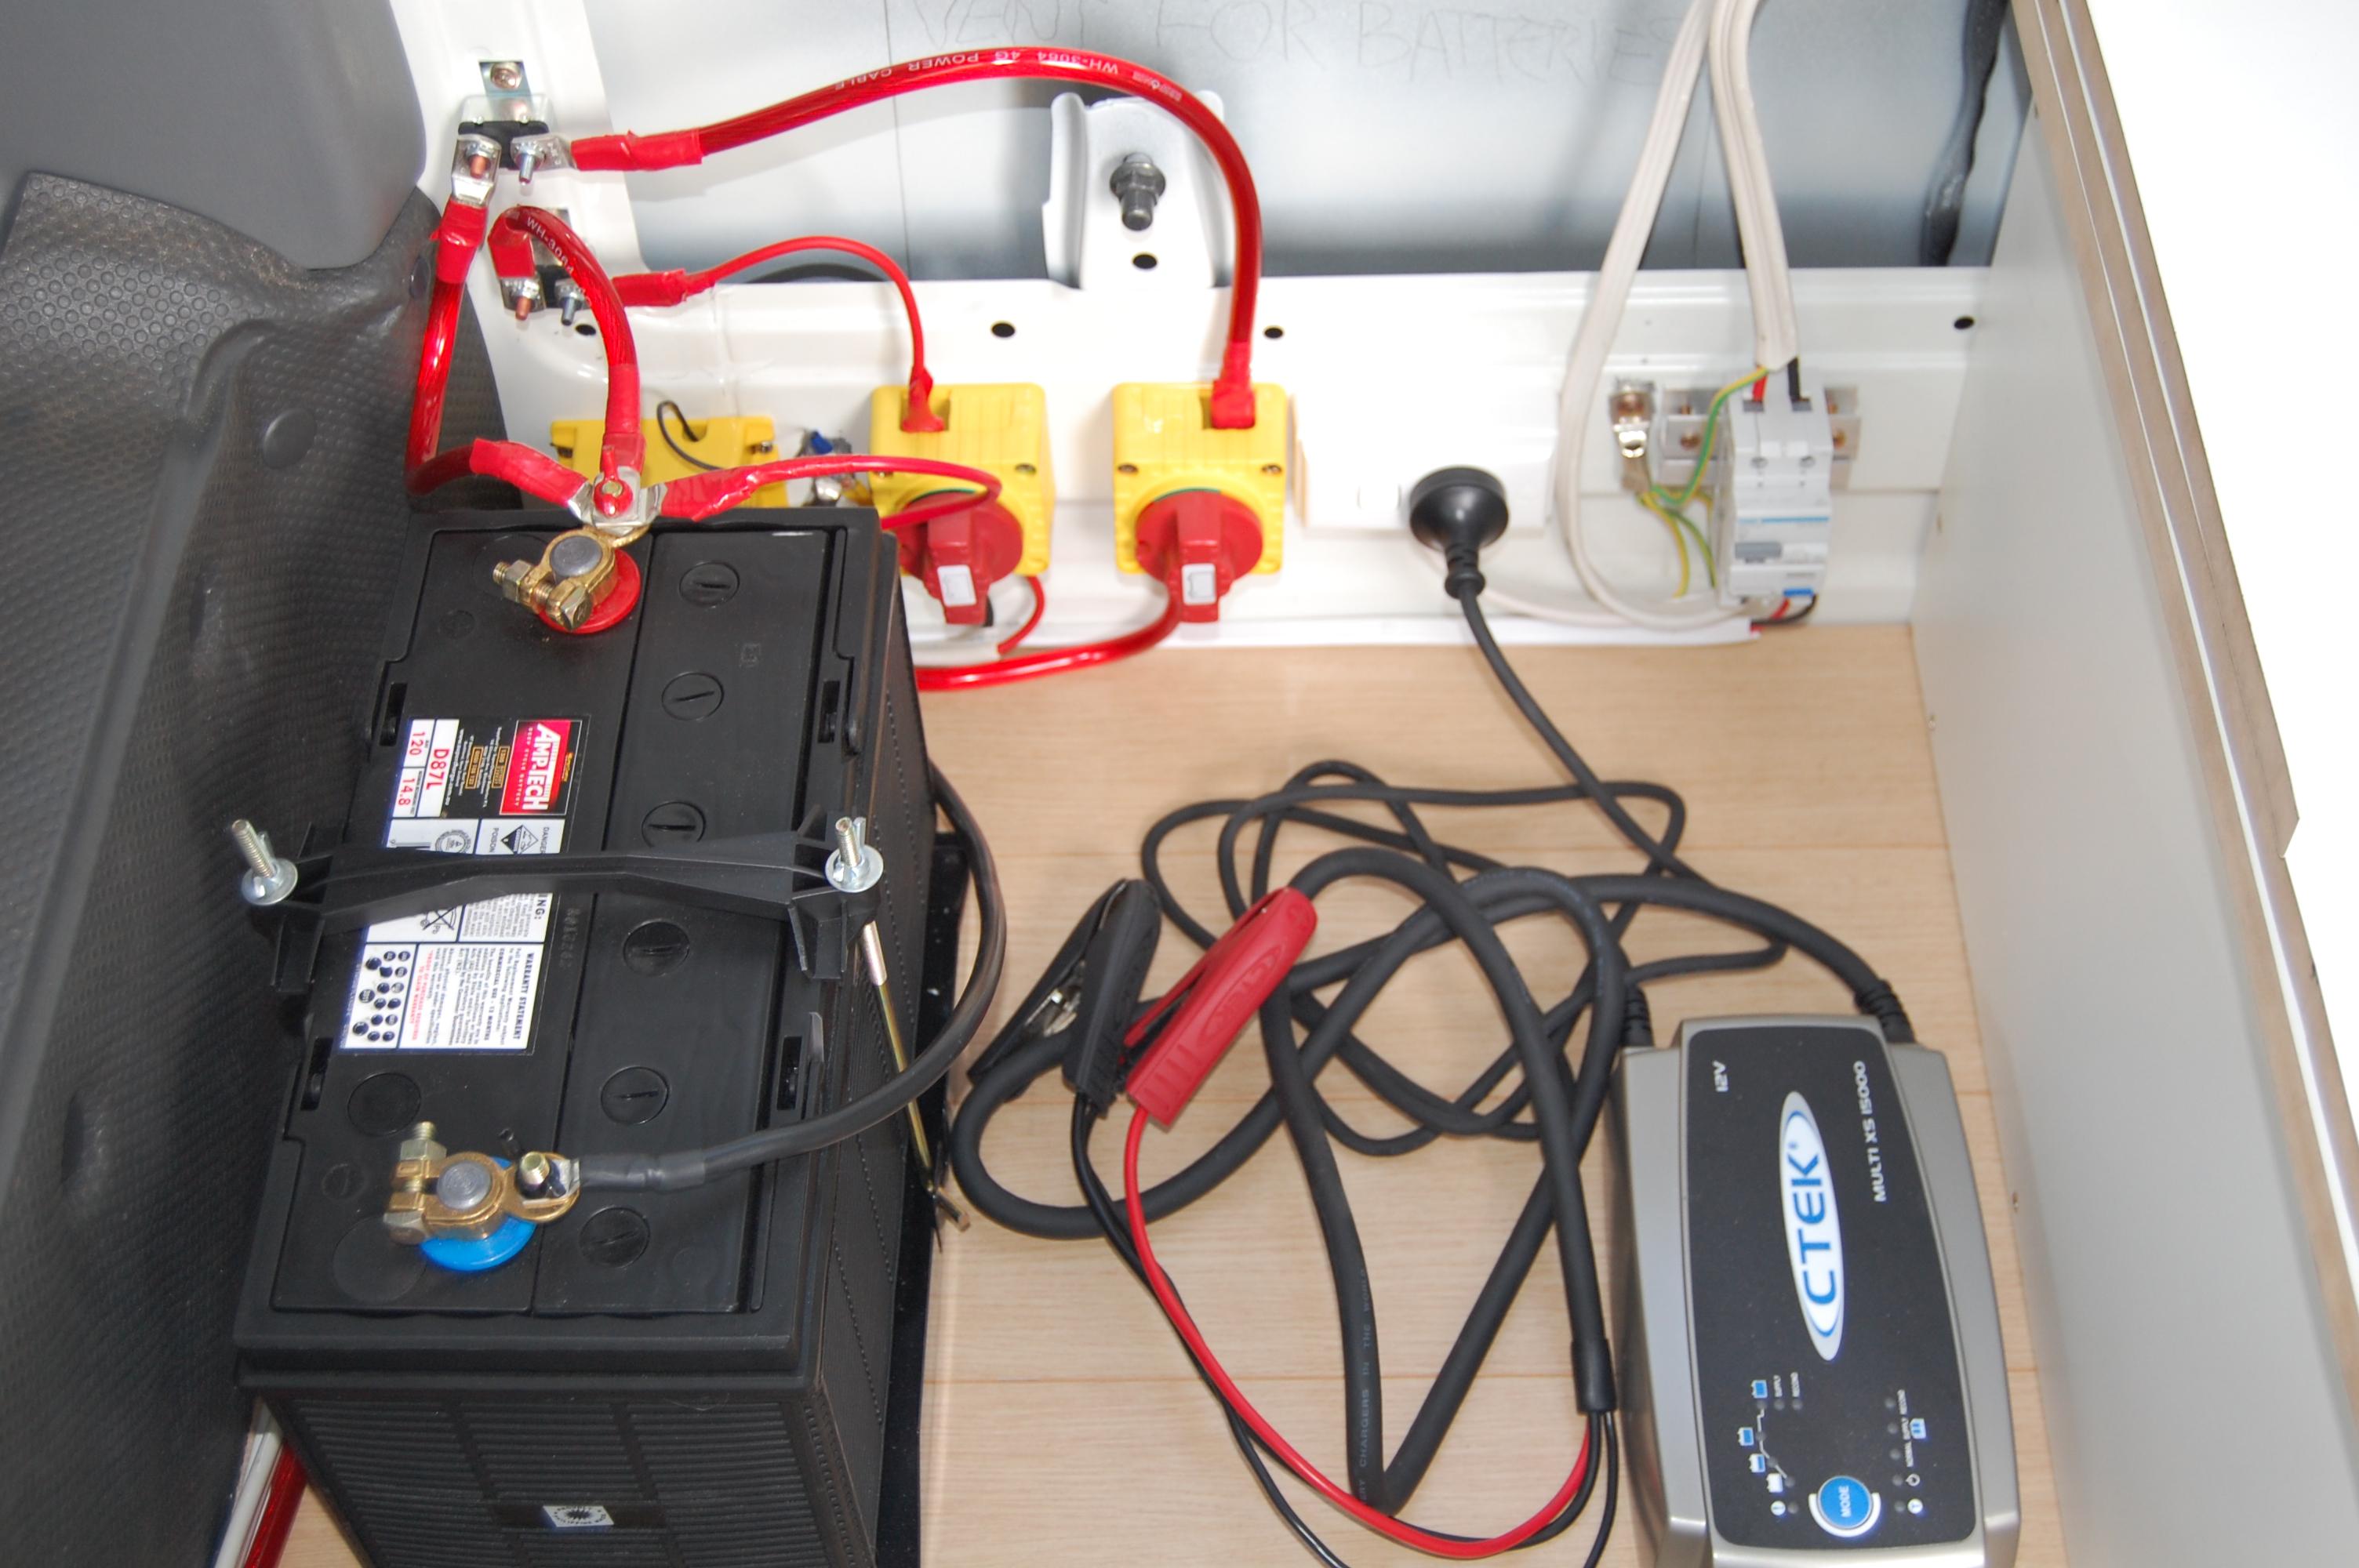 medium resolution of rv 12v 240v wiring diagram wiring diagram advance 12v 240v caravan wiring diagram wiring diagram experts